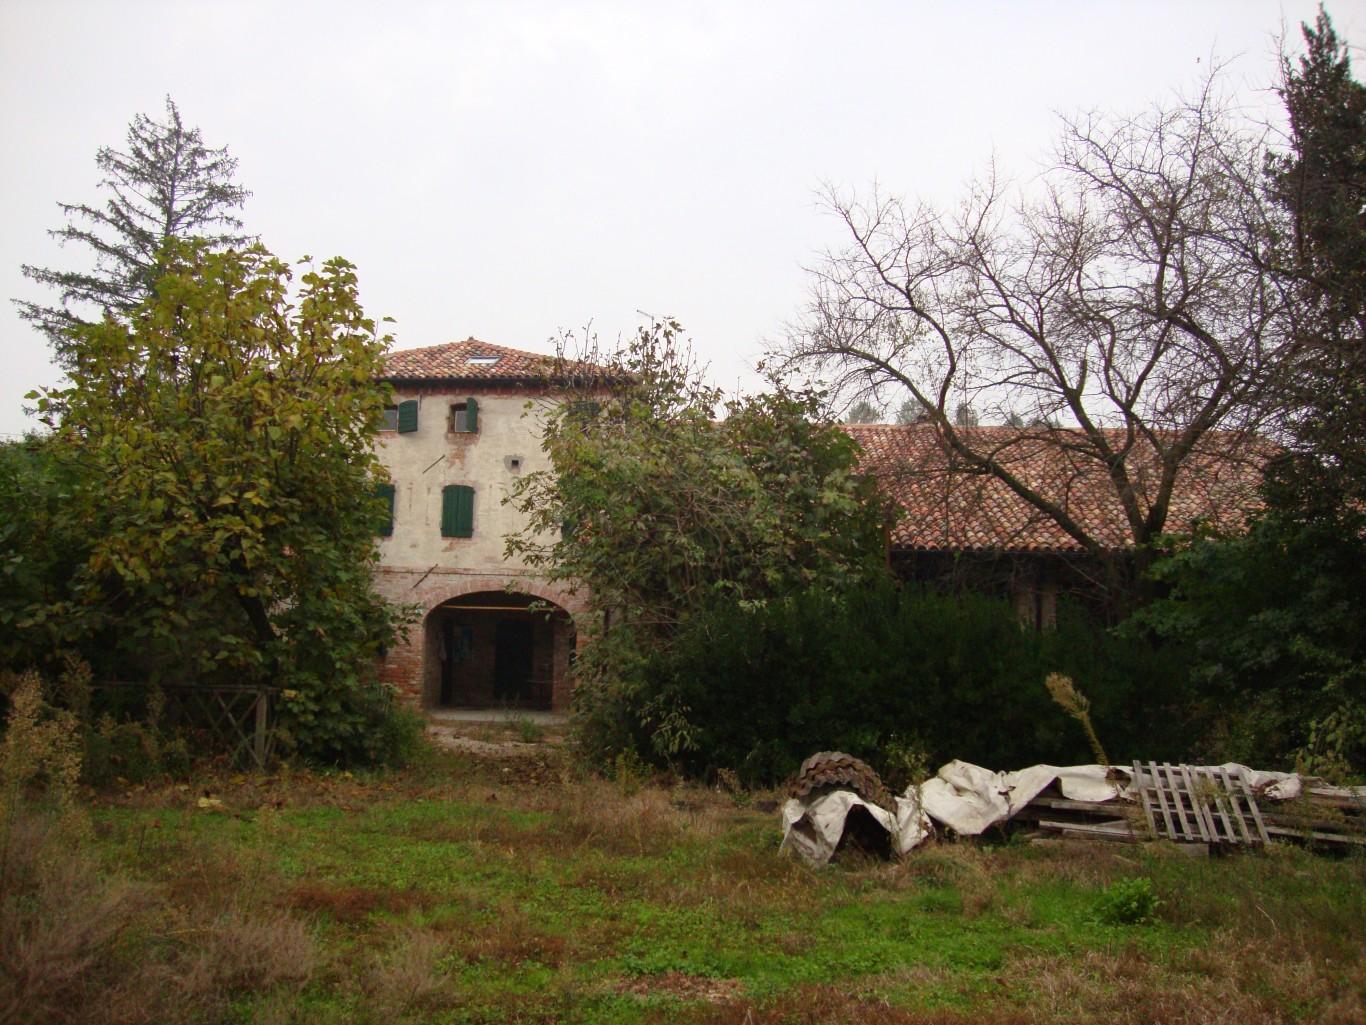 Location Matrimonio Colli Euganei3